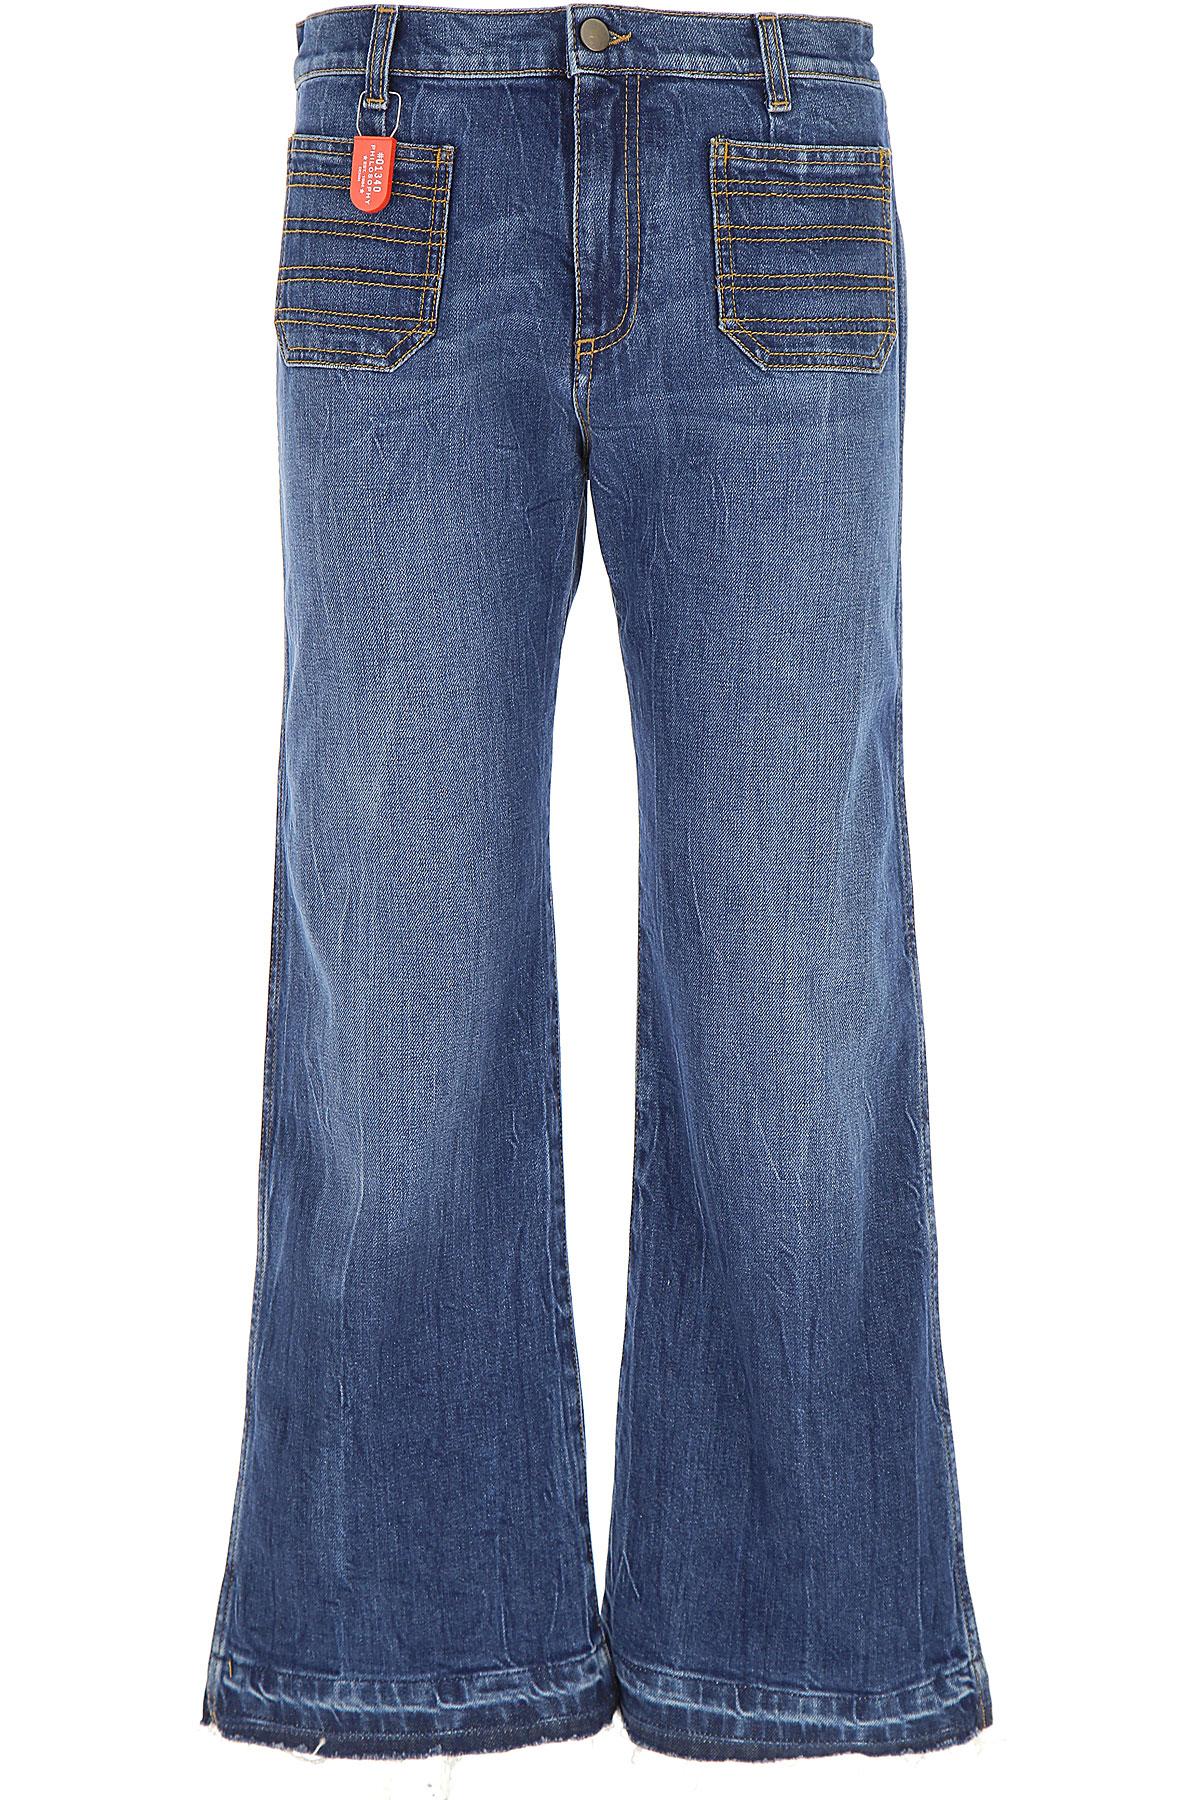 Philosophy di Lorenzo Serafini Jeans On Sale, Denim Blue, Cotton, 2019, US 27 - EU 40 US 29 - EU 42 US 31 - EU 44 US 25 - EU 38